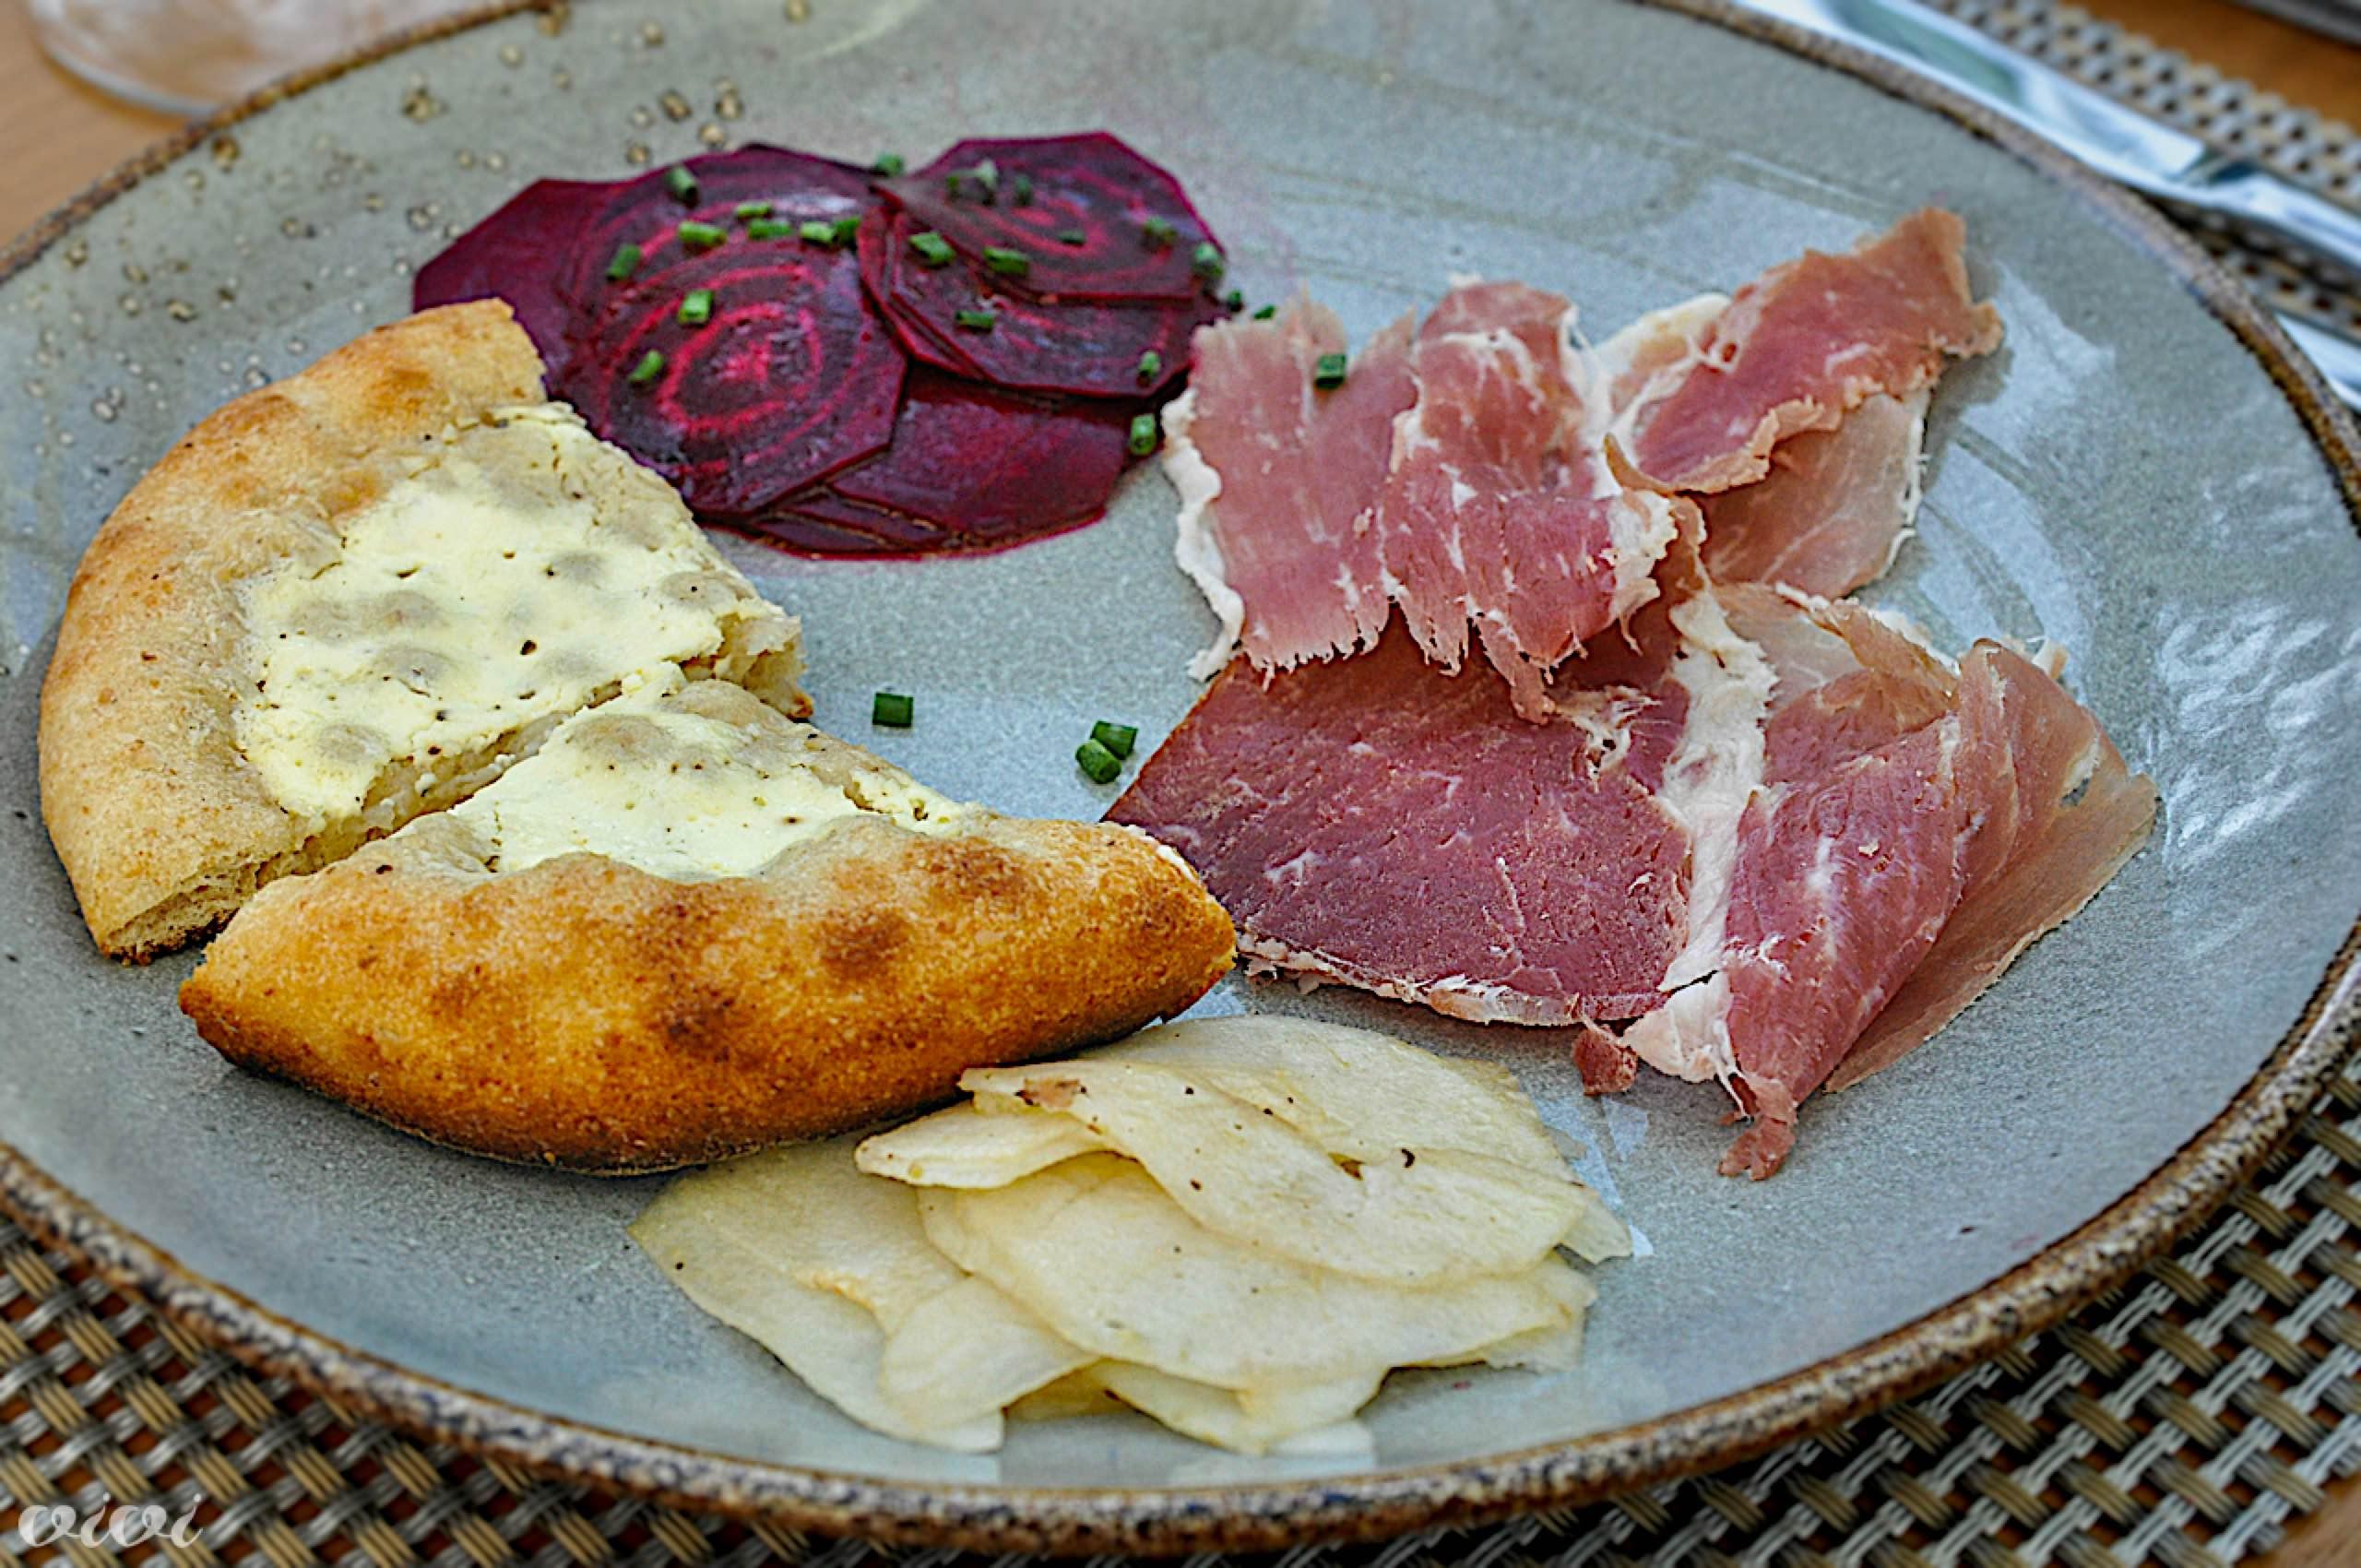 pizzete pršut mangalice rdeča pesa hruška3